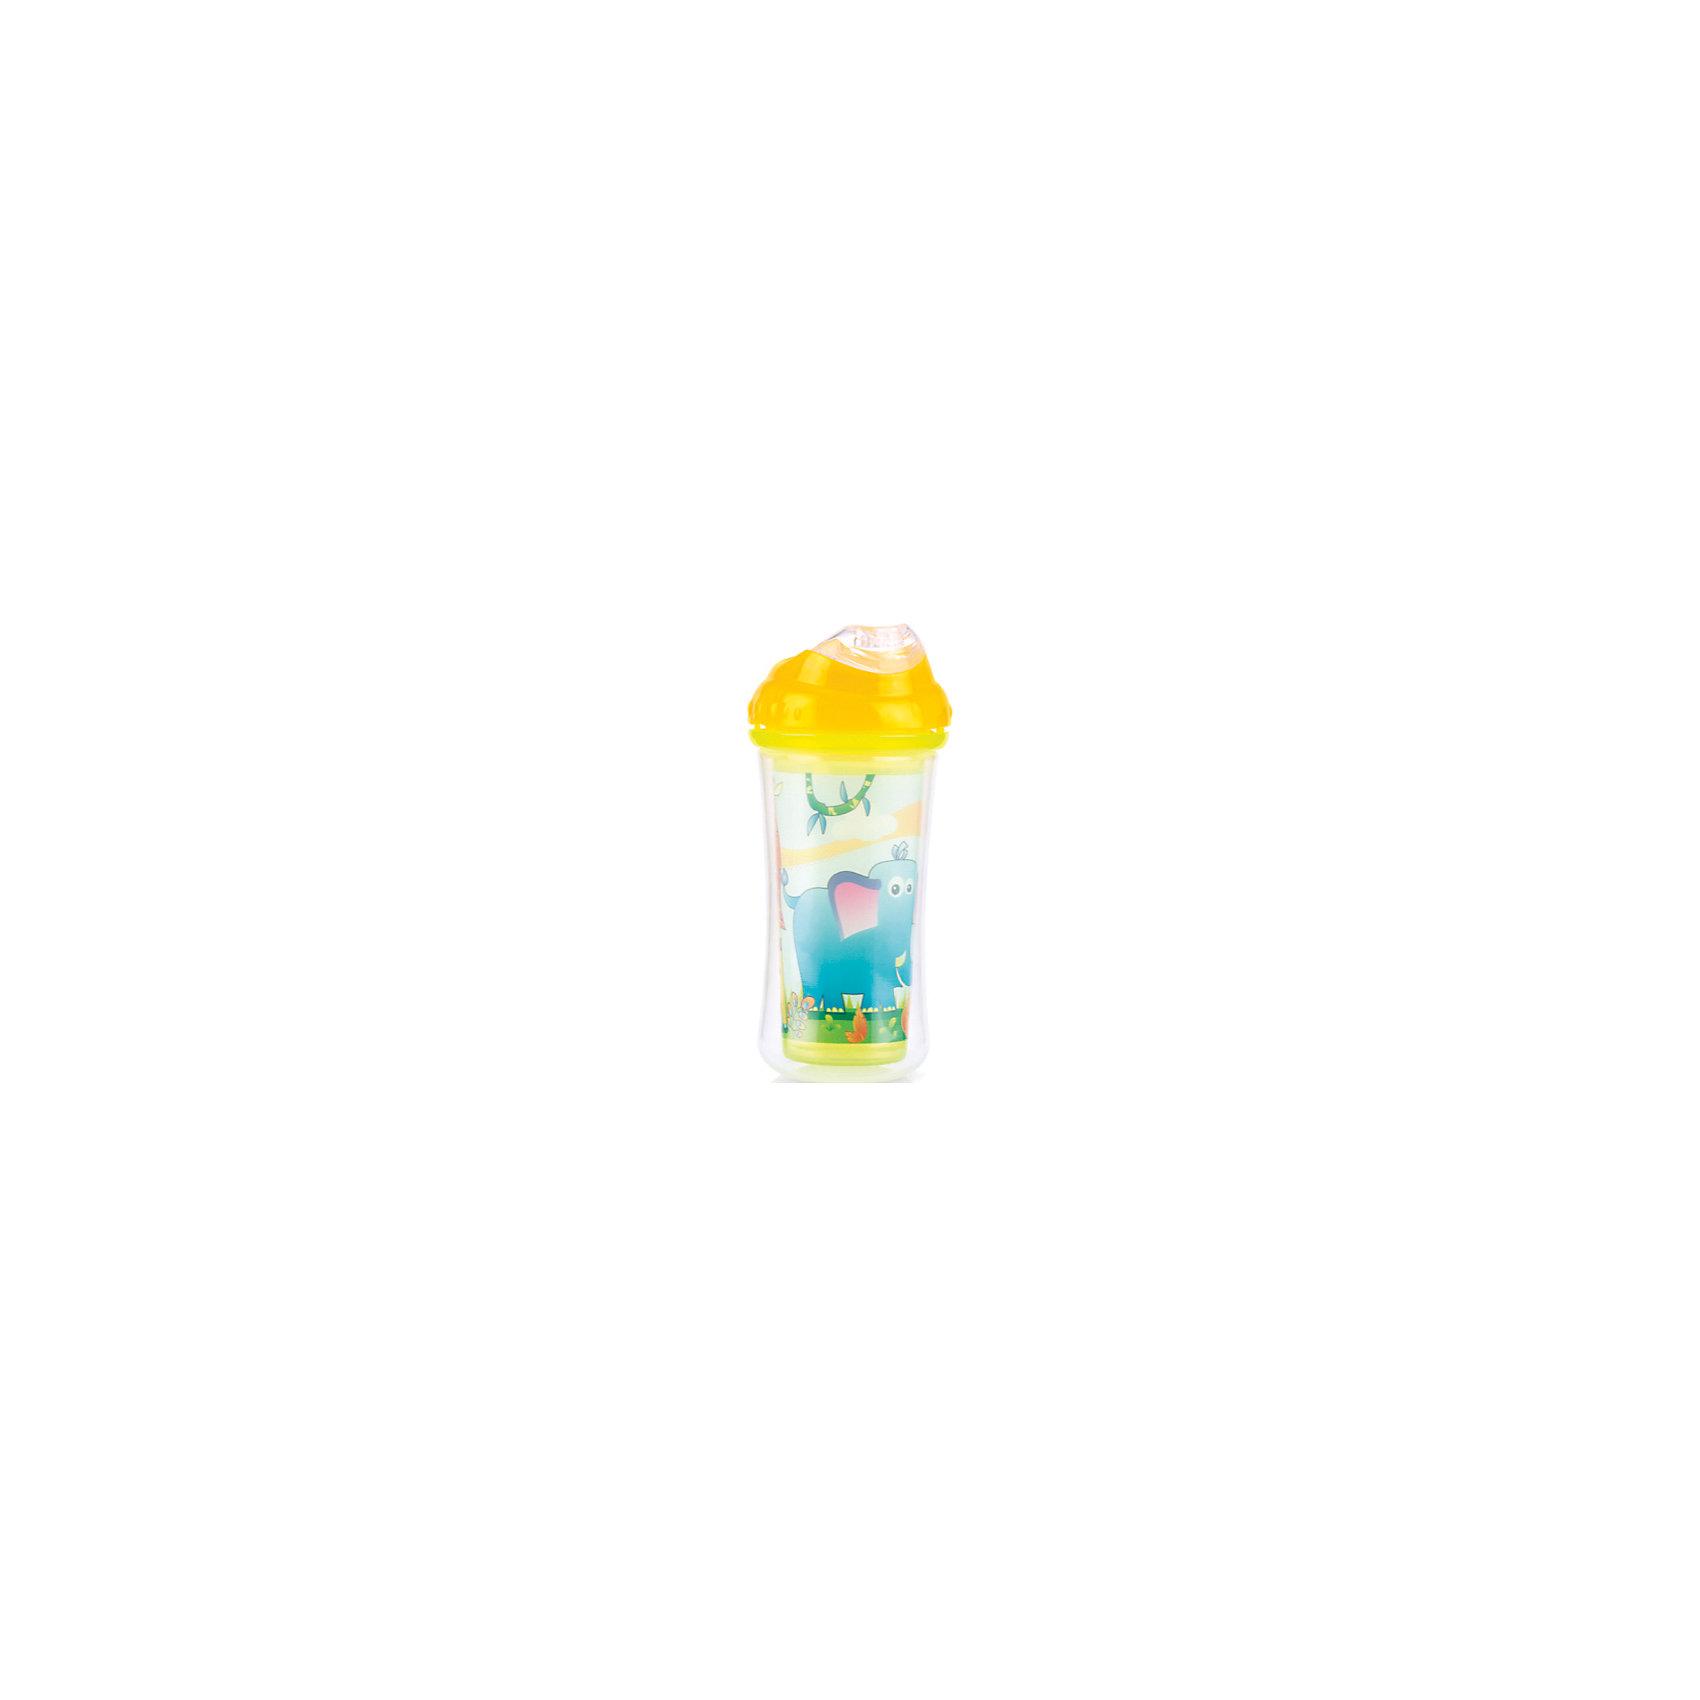 Поильник с силиконовым носиком-непроливайкой Слон, Nuby, жёлтыйПоильники<br>Красочный и очень удобный термопоильник-непроливайка с силиконовым носиком не оставит Вашего малыша равнодушным! <br>Поильник состоит из двух встроенных чашечек, предназначенных специально для сохранения нужной температуры напитков. <br>У поильника силиконовый носик, который позволит не повредить нежные десны и зубки малыша. Клапанная система позволяет легко изменять и контролировать скорость потока. <br>ИСПОЛЬЗОВАНИЕ: <br>Обязательно мыть поильник перед использованием. Для использования, нужно наполнить чашу жидкостью (приблизительно на 3/4) и  плотно закрыть крышку для обеспечения герметичности.<br>УХОД:<br> Поильник можно мыть в посудомоечной машине ( на верхней полке) или мыть в теплой воде с используя мягкое жидкое мыло, а затем тщательно промывать в чистой воде. <br>ПРЕДУПРЕЖДЕНИЕ: НЕ КИПЯТИТЬ. НЕ ПОМЕЩАТЬ В СВЧ-ПЕЧЬ!<br>Обязательно, всегда проверяйте температуру жидкости перед кормлением ребенка!<br><br>Дополнительная информация:<br><br>- Возраст: от 12 месяцев.<br>- Цвет: желтый.<br>- Состав: полипропилен.<br>- Изготовлено из безопасных, долговечных, нетоксичных материалов. <br>- Сертифицировано в России. <br>- Соответствует всем требованиям ГОСТ и СанПиН.<br>- Размер упаковки: 7х7х22 см.<br>- Вес в упаковке: 131 г.<br><br>Купить поильник с силиконовым носиком-непроливайкой Nuby в желтом цвете, можно в нашем магазине.<br><br>Ширина мм: 70<br>Глубина мм: 70<br>Высота мм: 220<br>Вес г: 131<br>Возраст от месяцев: 12<br>Возраст до месяцев: 36<br>Пол: Унисекс<br>Возраст: Детский<br>SKU: 4788574